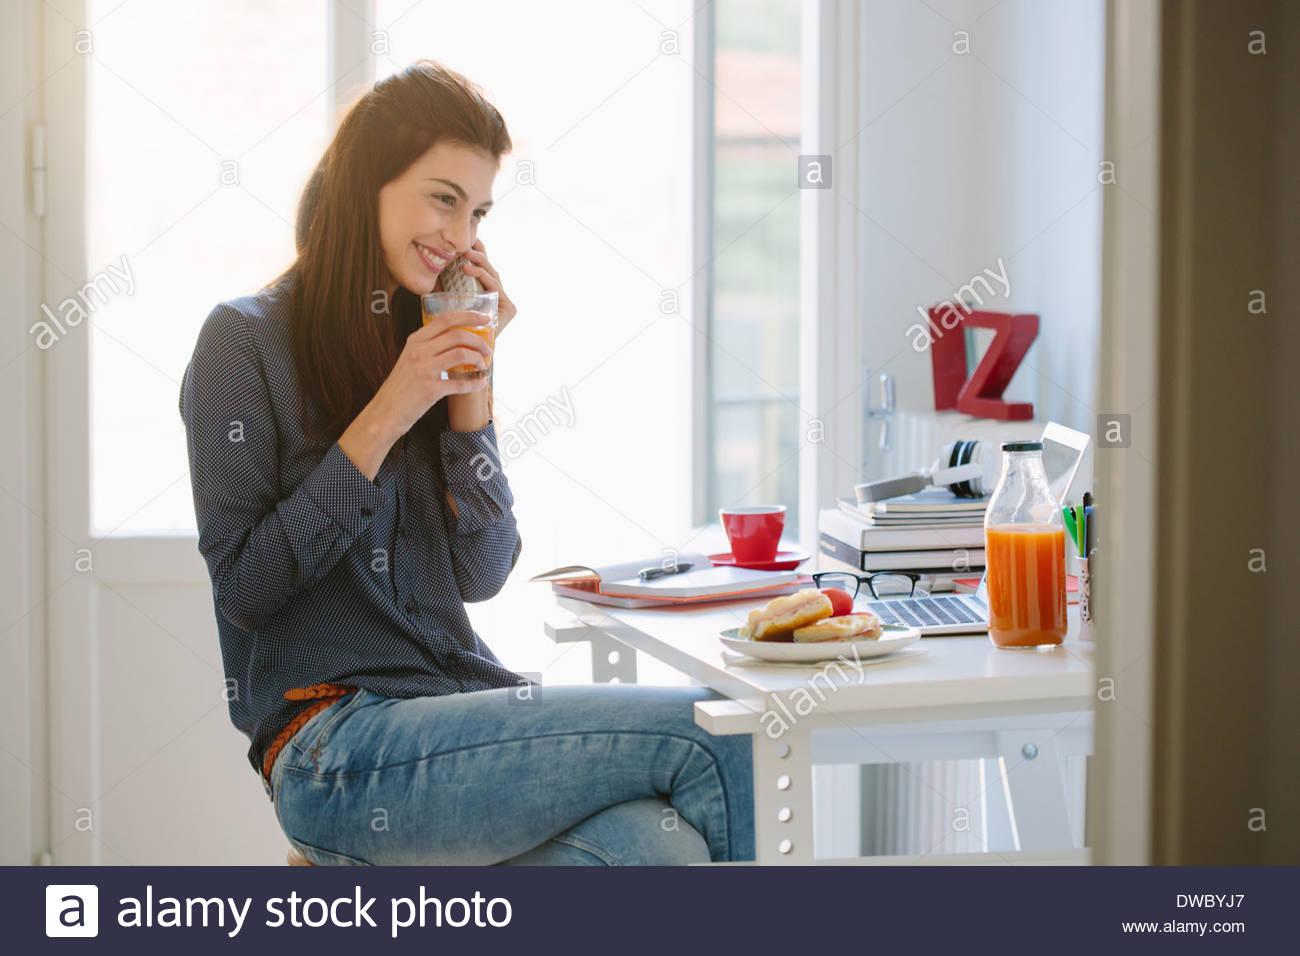 Mujer joven con teléfono mientras breakfasting Imagen De Stock